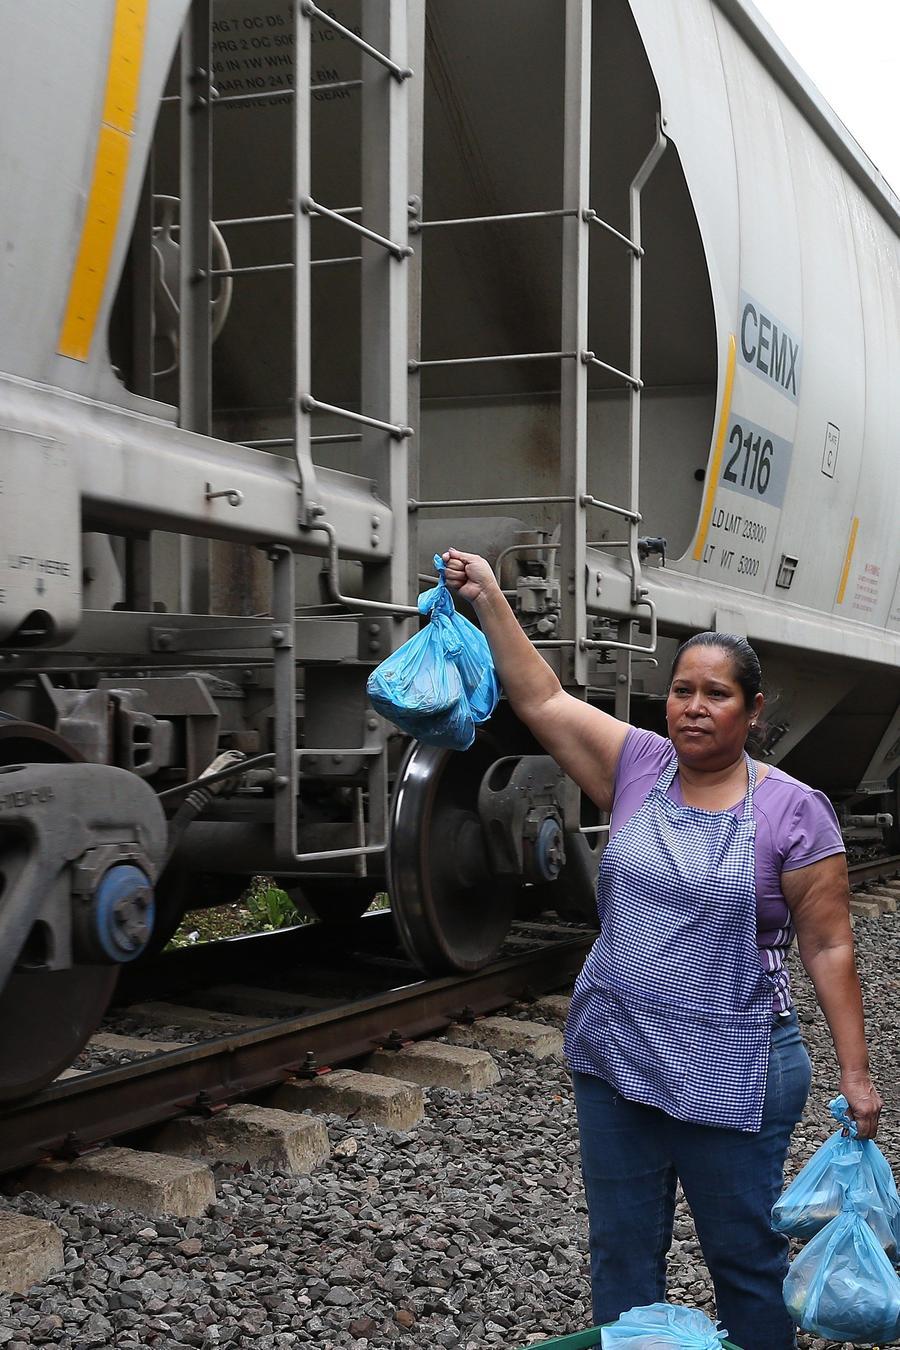 Las Patronas que ayudan a migrantes en México: Trump está loco